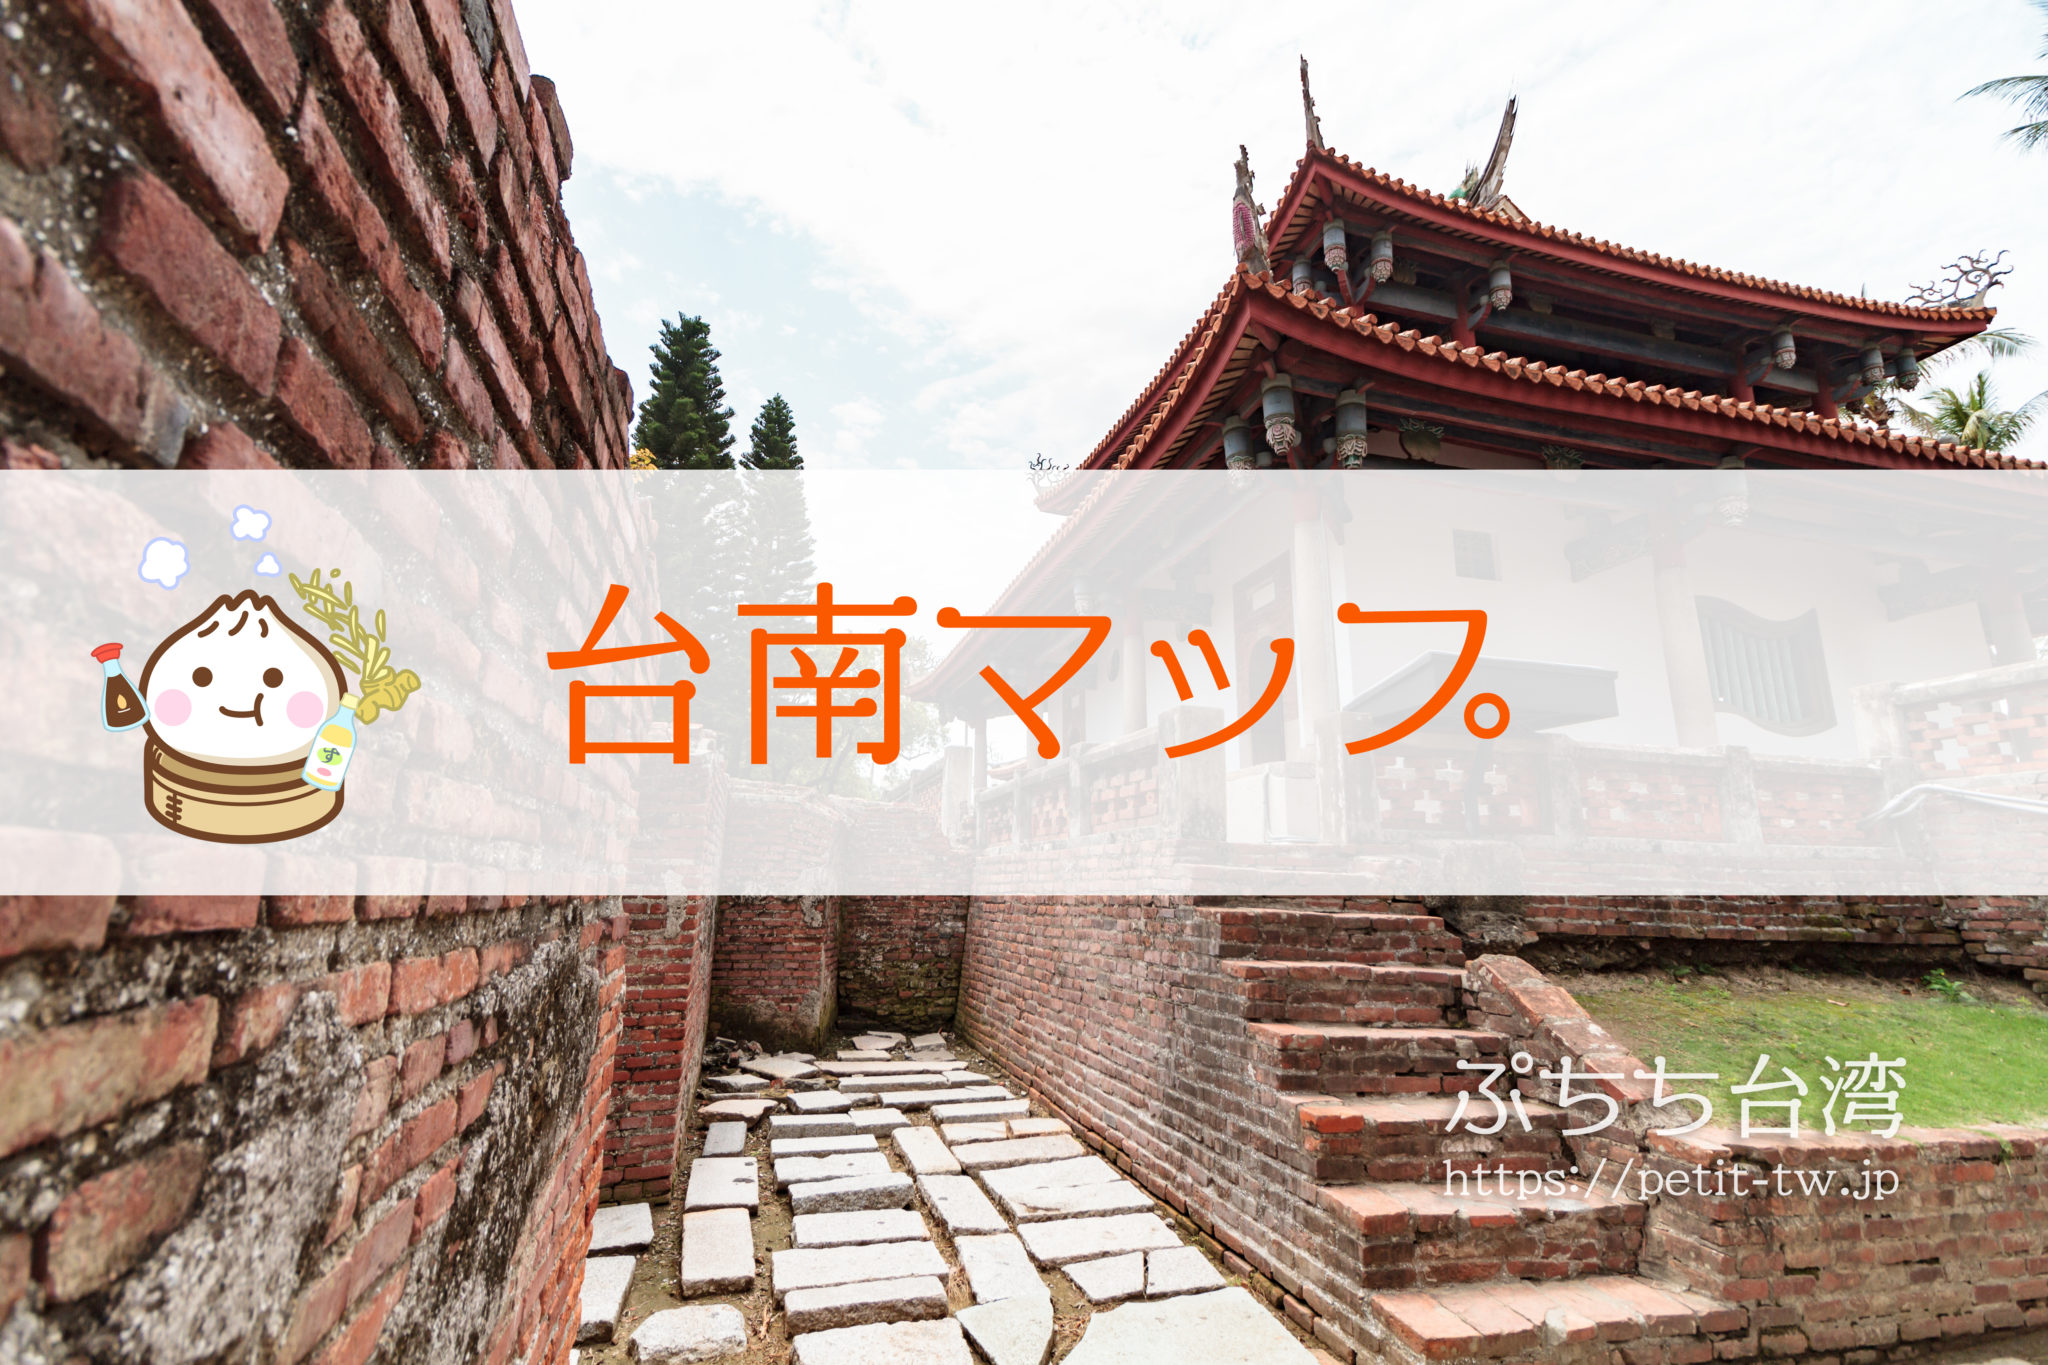 台南のマップ(アイキャッチ画像)